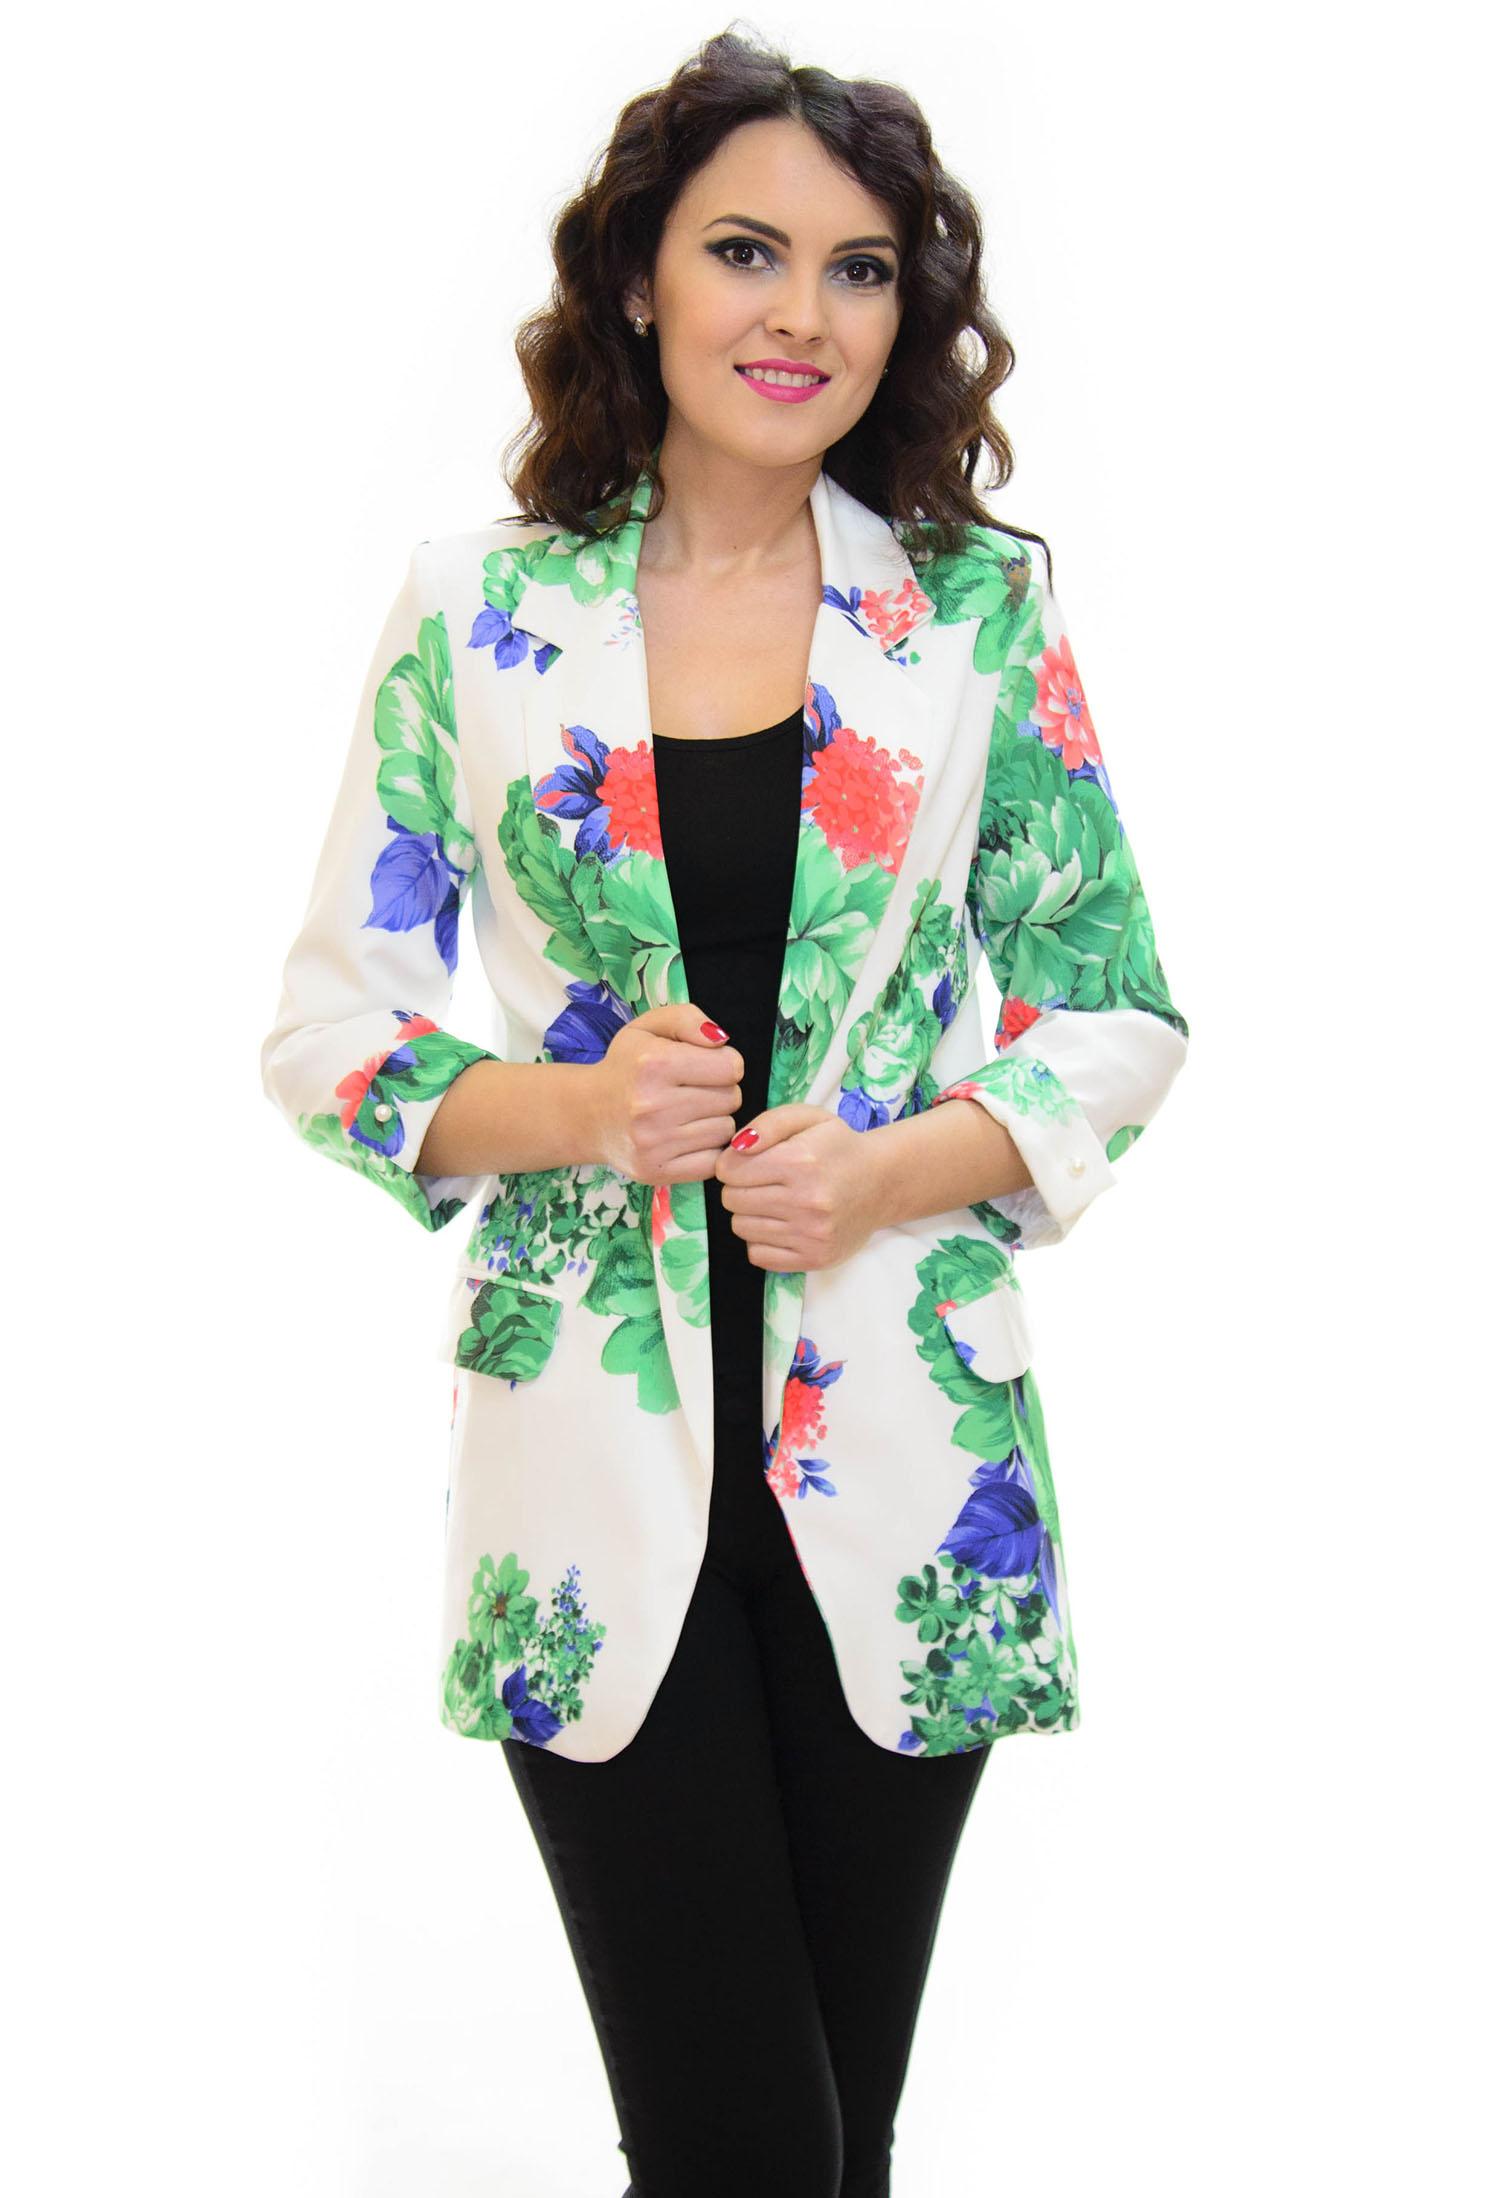 Blazer Lara Bella Fashion Advice Green